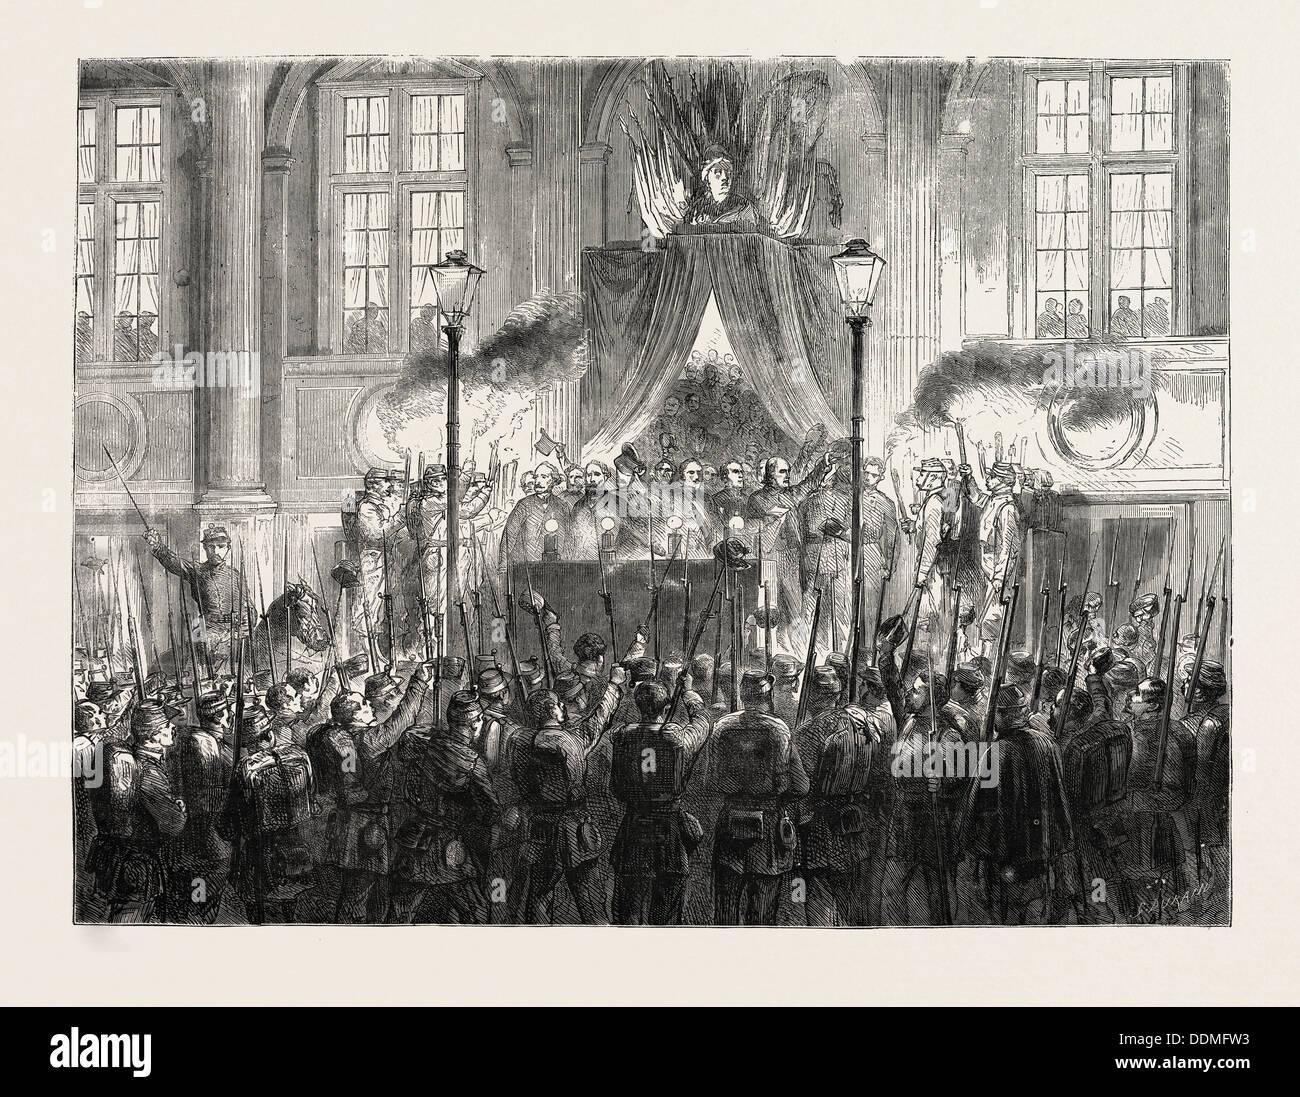 DECLARING THE RESULT OF THE PLEBISCITE IN PARIS, FRANCE, 1870 - Stock Image